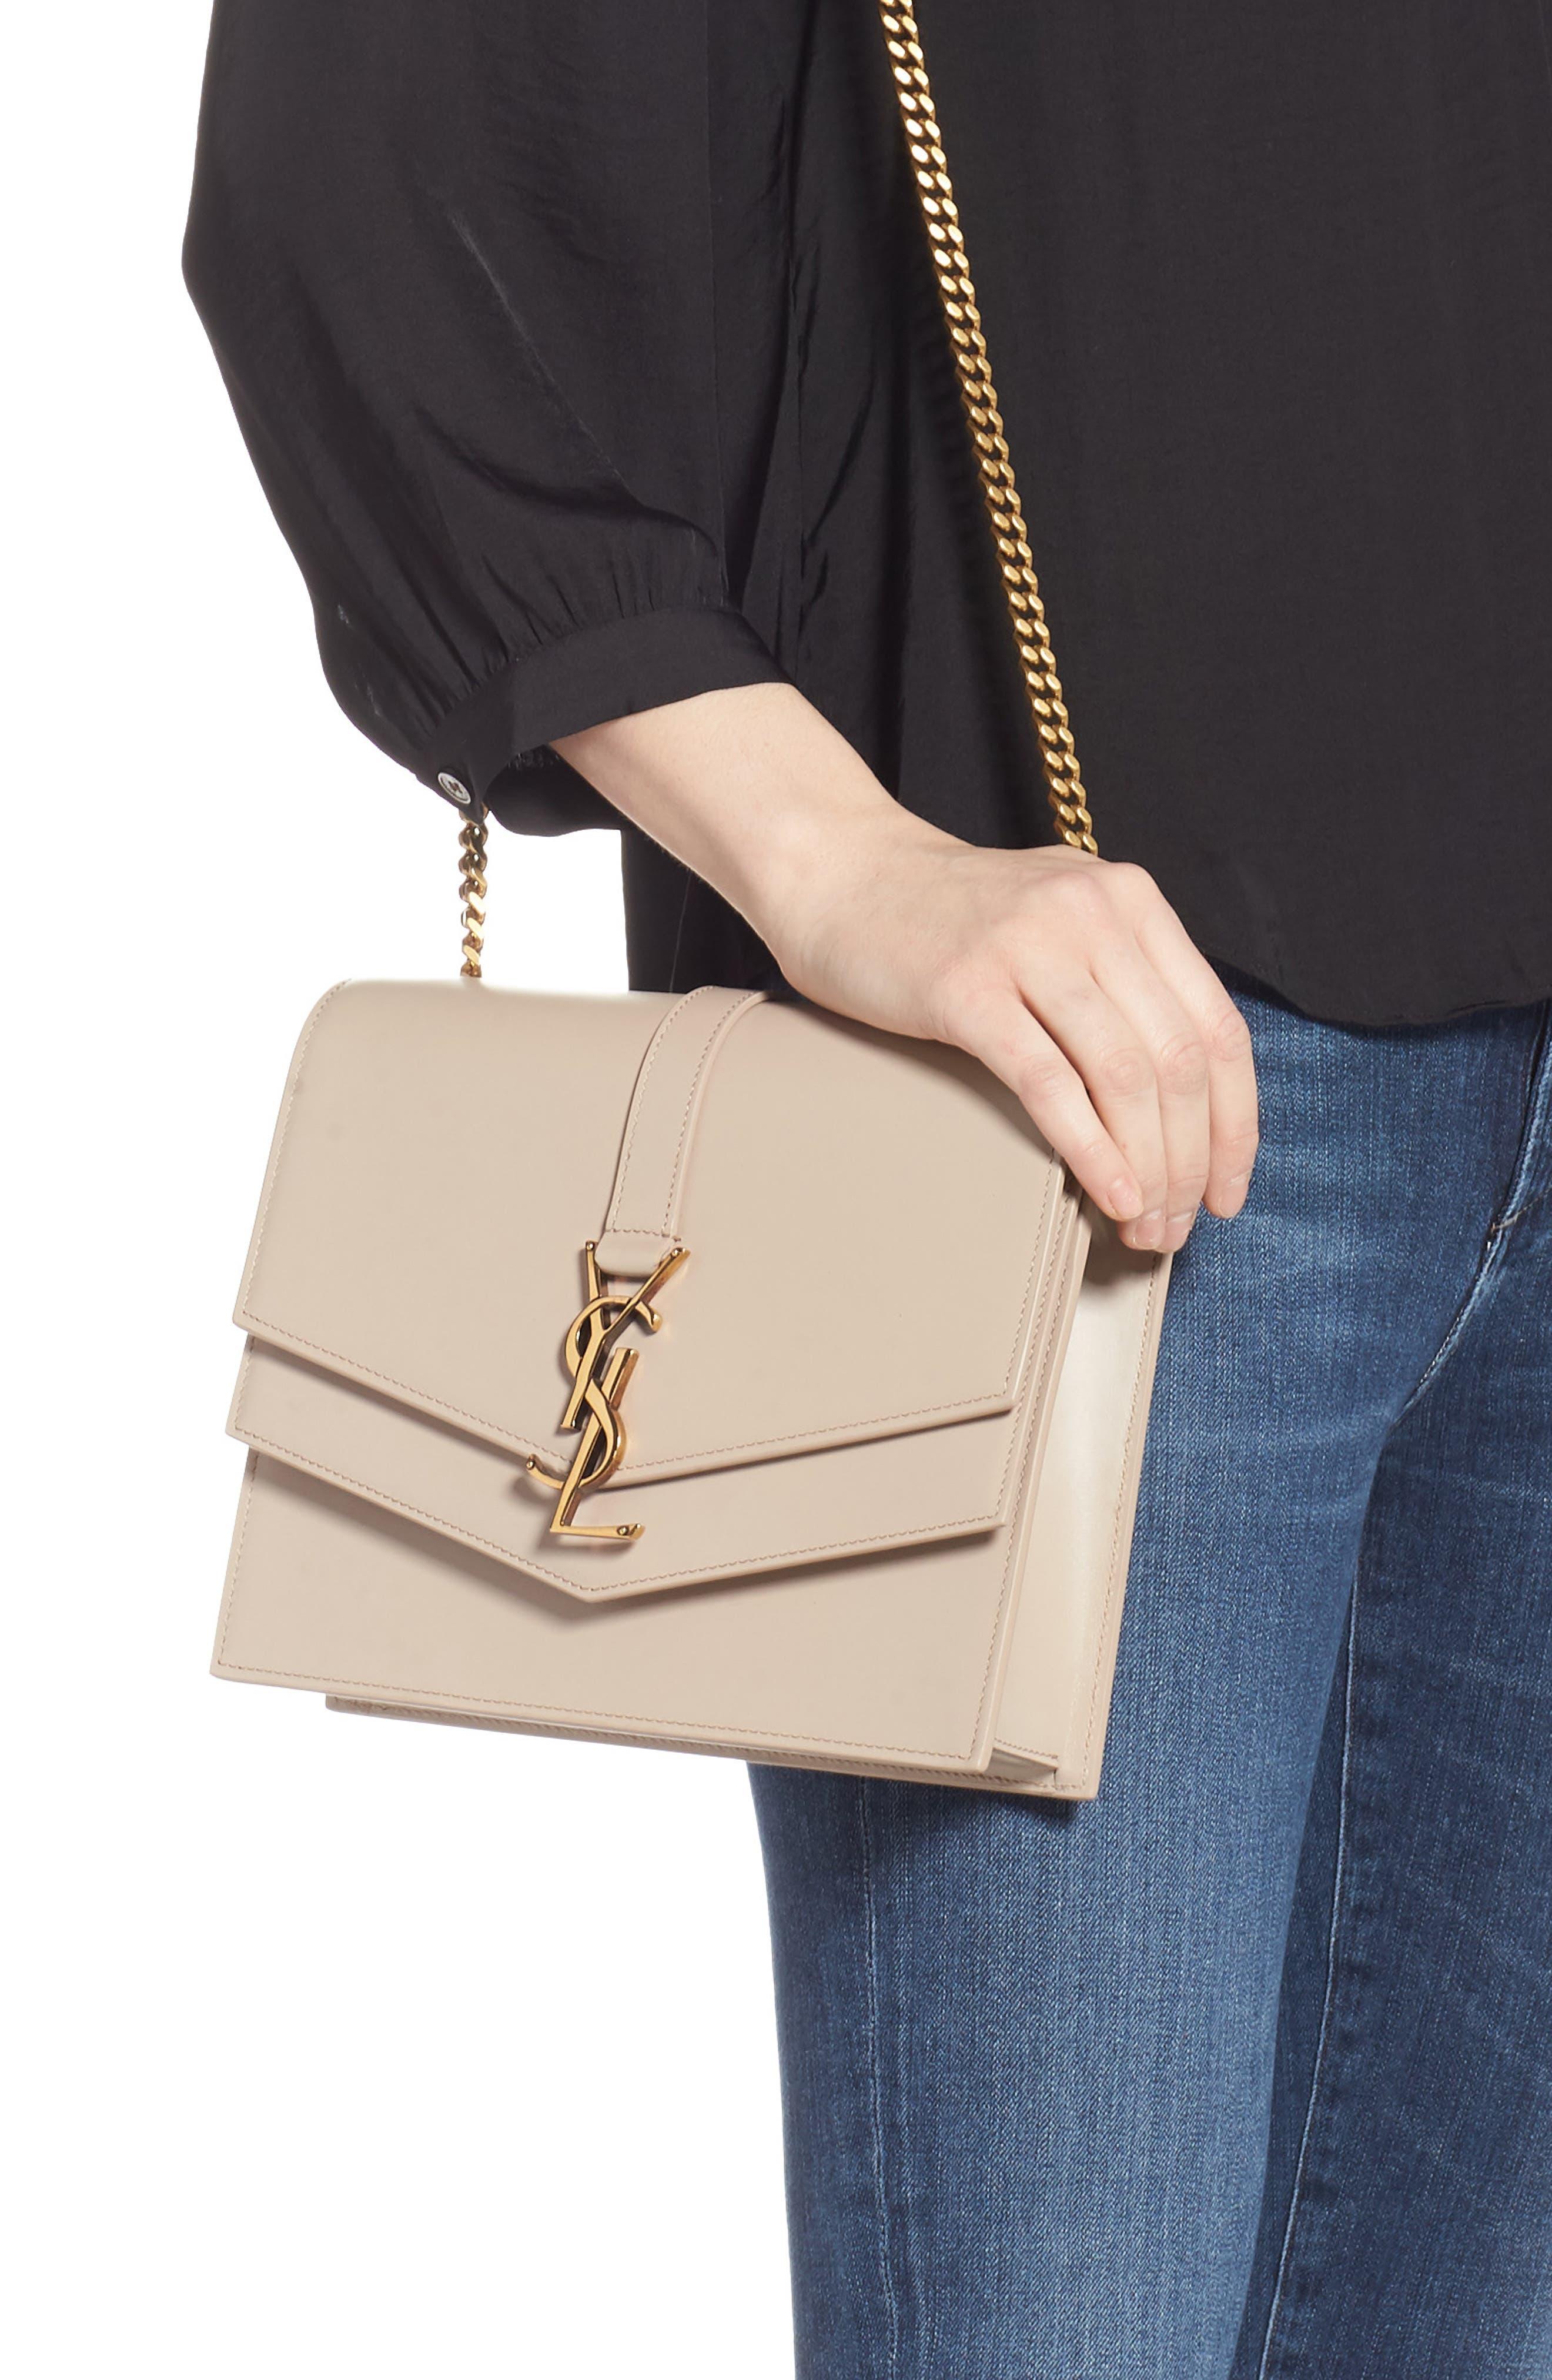 Sulpice Leather Shoulder Bag,                             Alternate thumbnail 2, color,                             LIGHT NATURAL